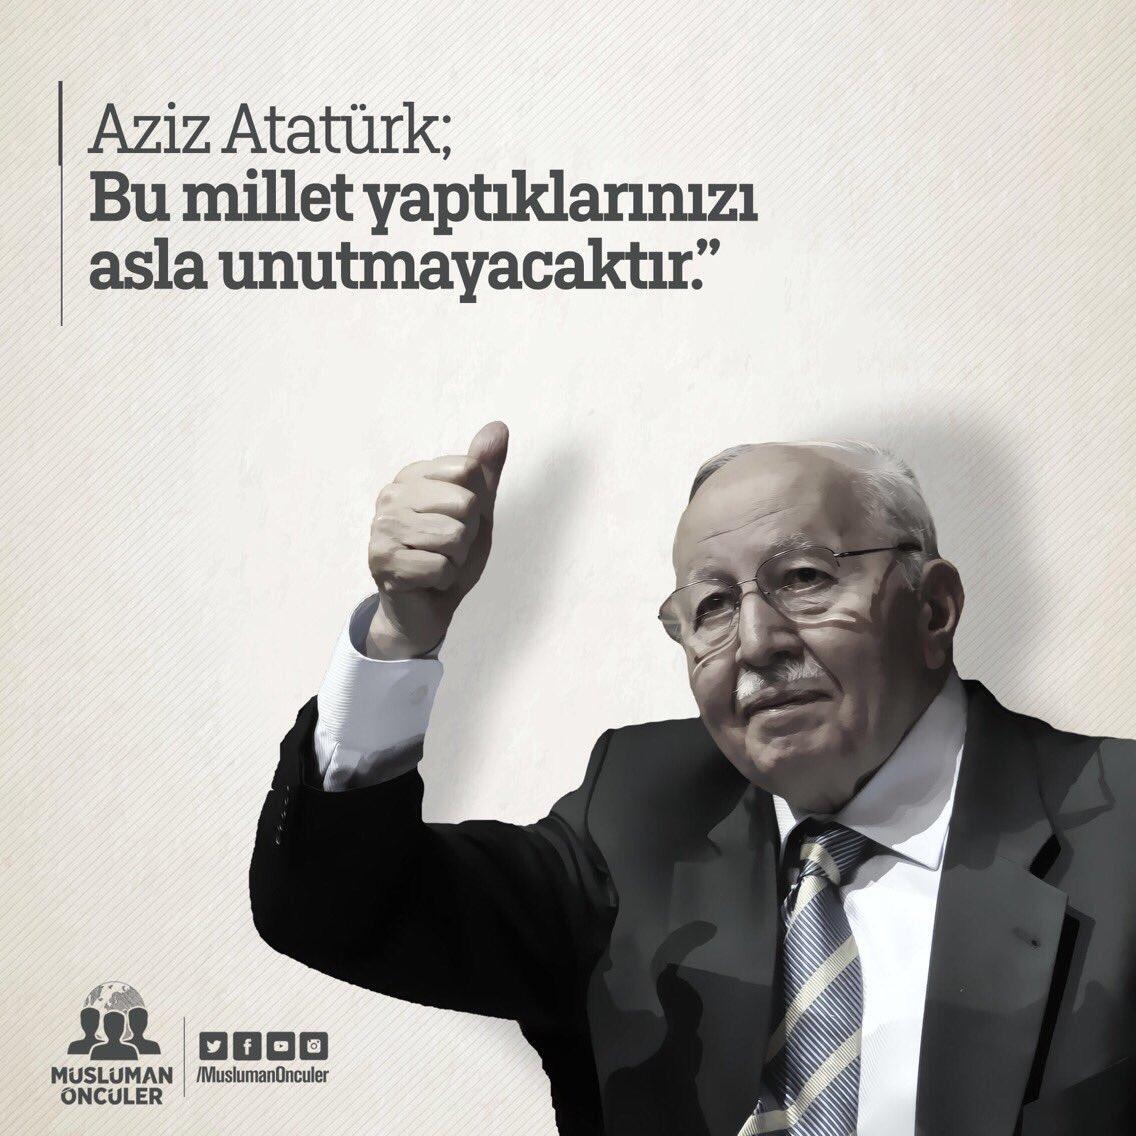 RT @erbakanarsivi: Aziz Atatürk; Bu millet yaptıklarınızı asla unutmayacaktır.  #10Kasım #MustafaKemalAtaturk https://t.co/Lc12zpKMX7